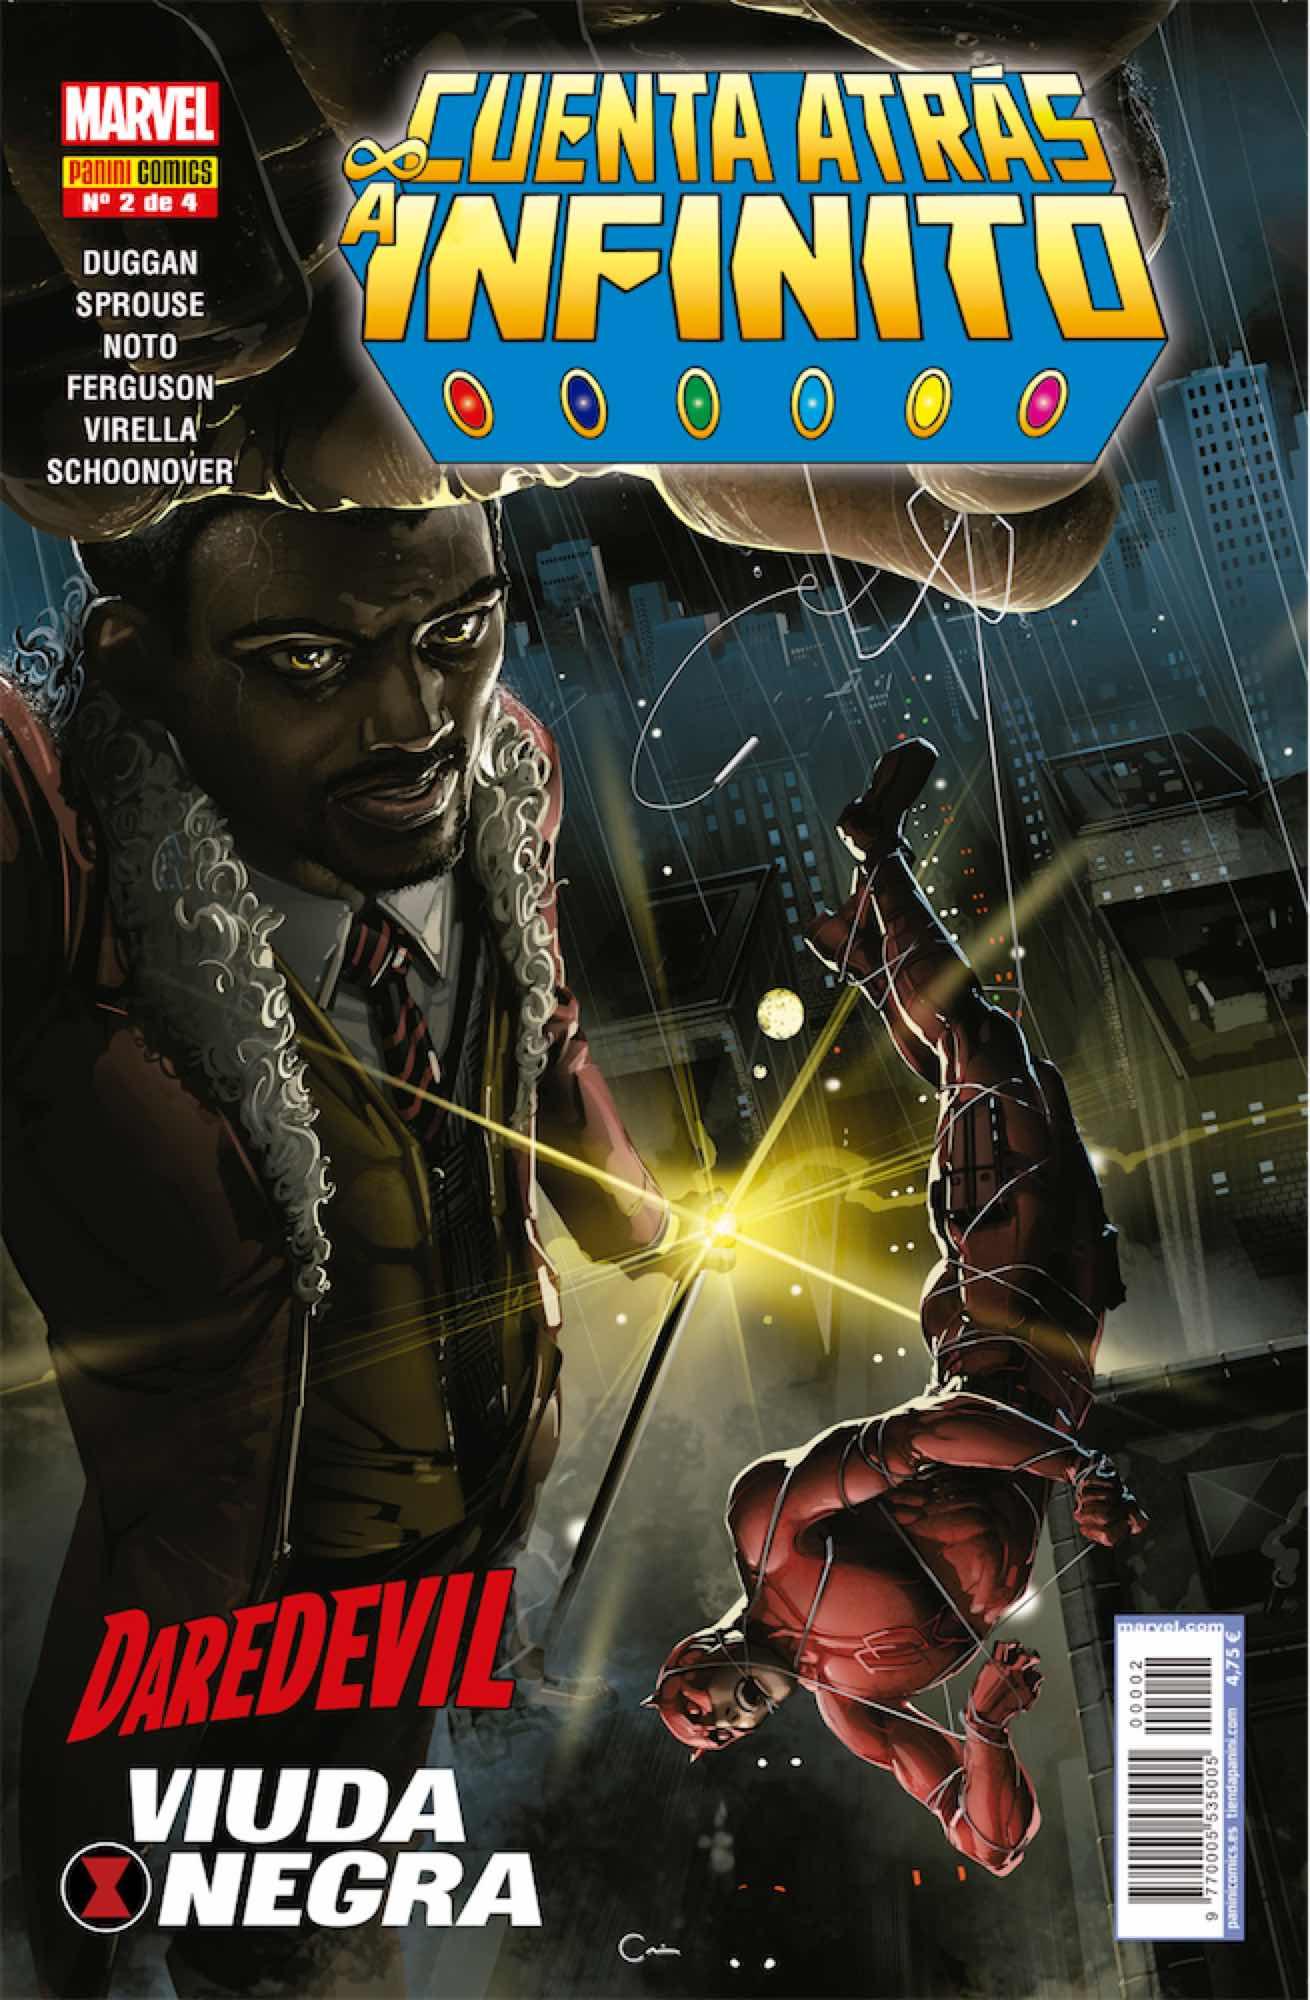 CUENTA ATRAS A INFINITO: HEROES 02